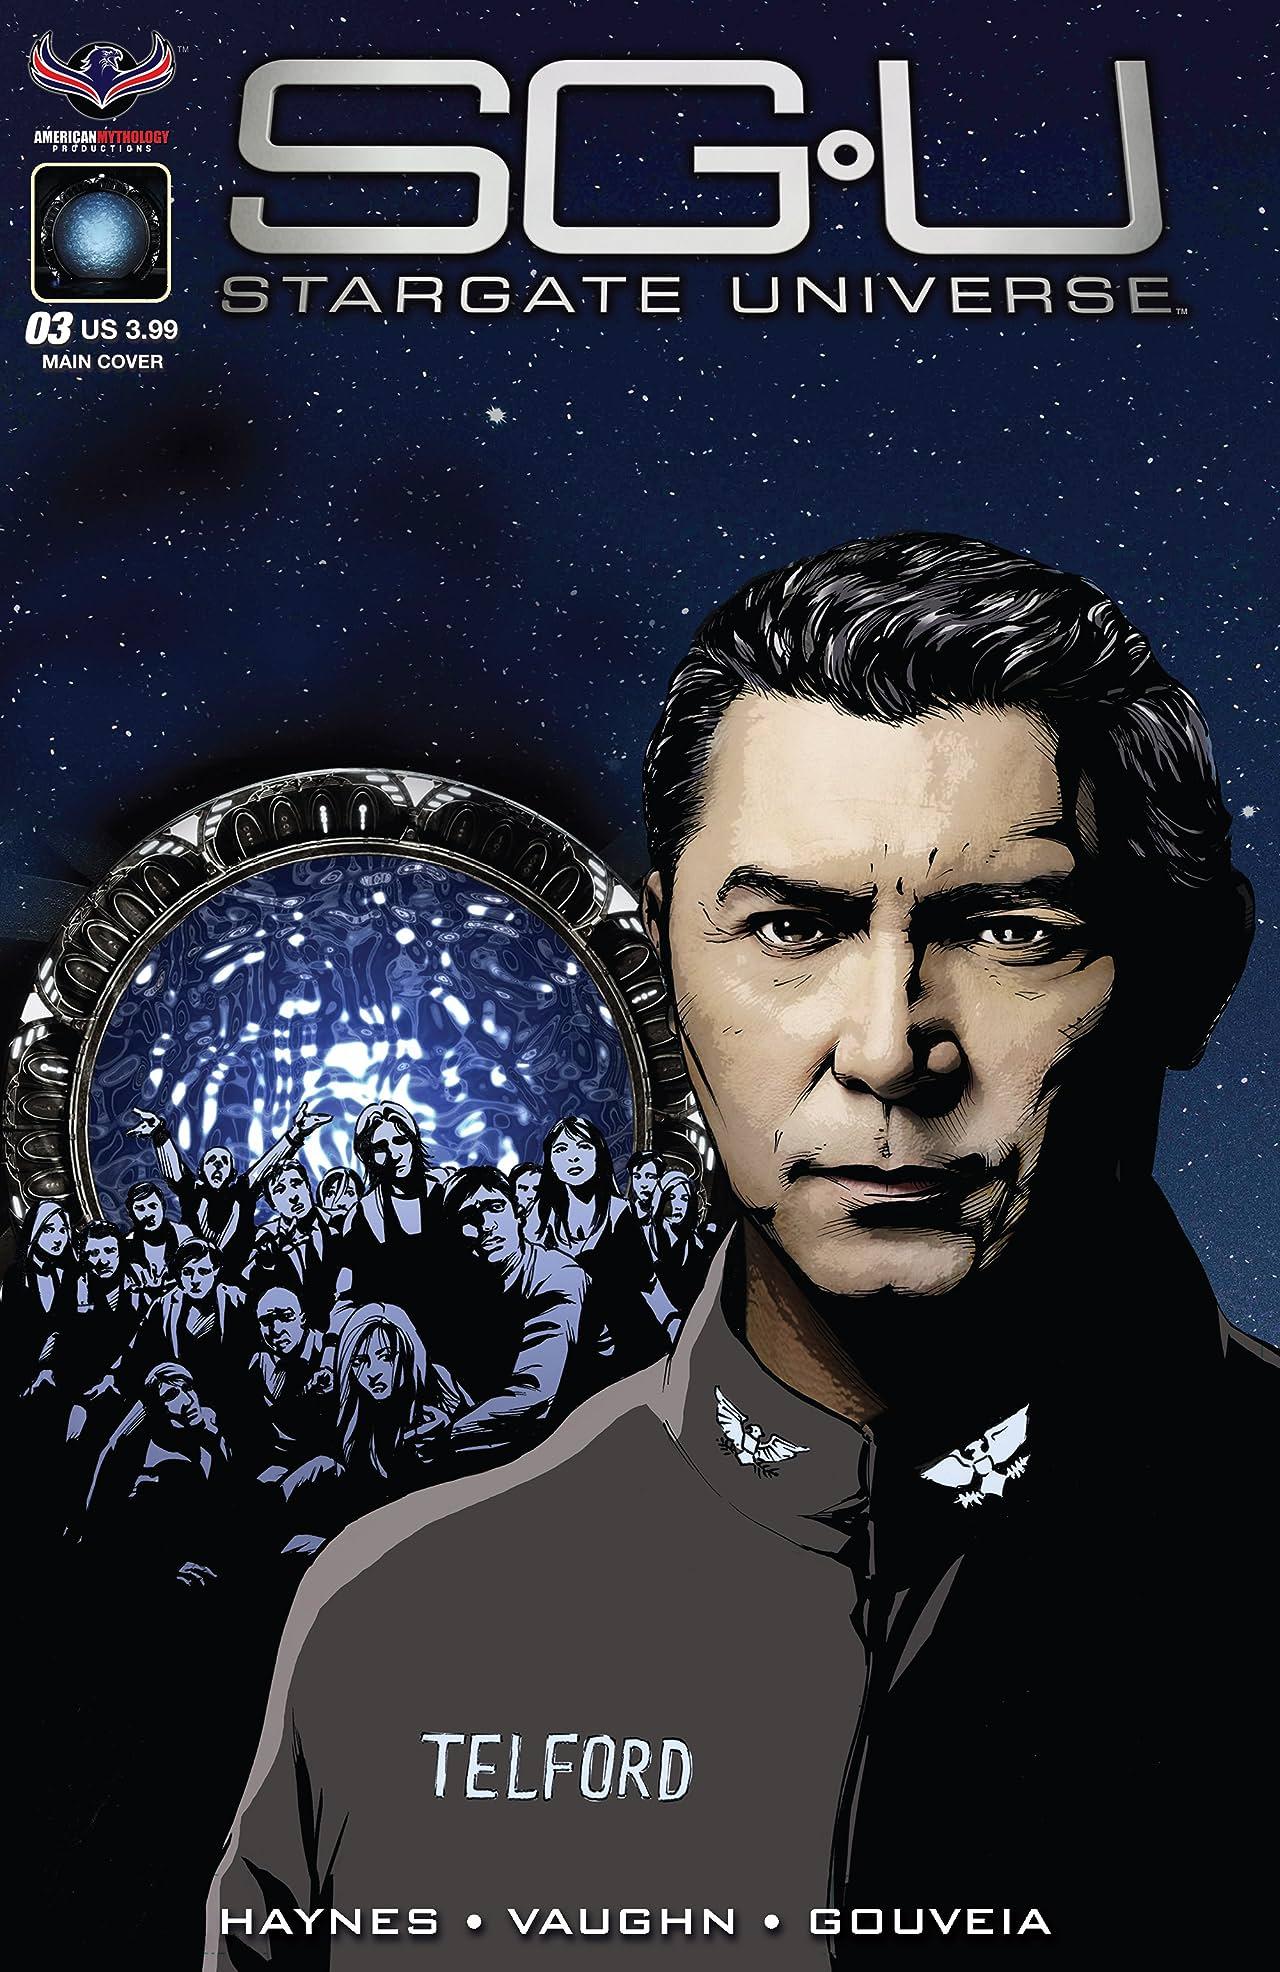 Stargate Universe #3